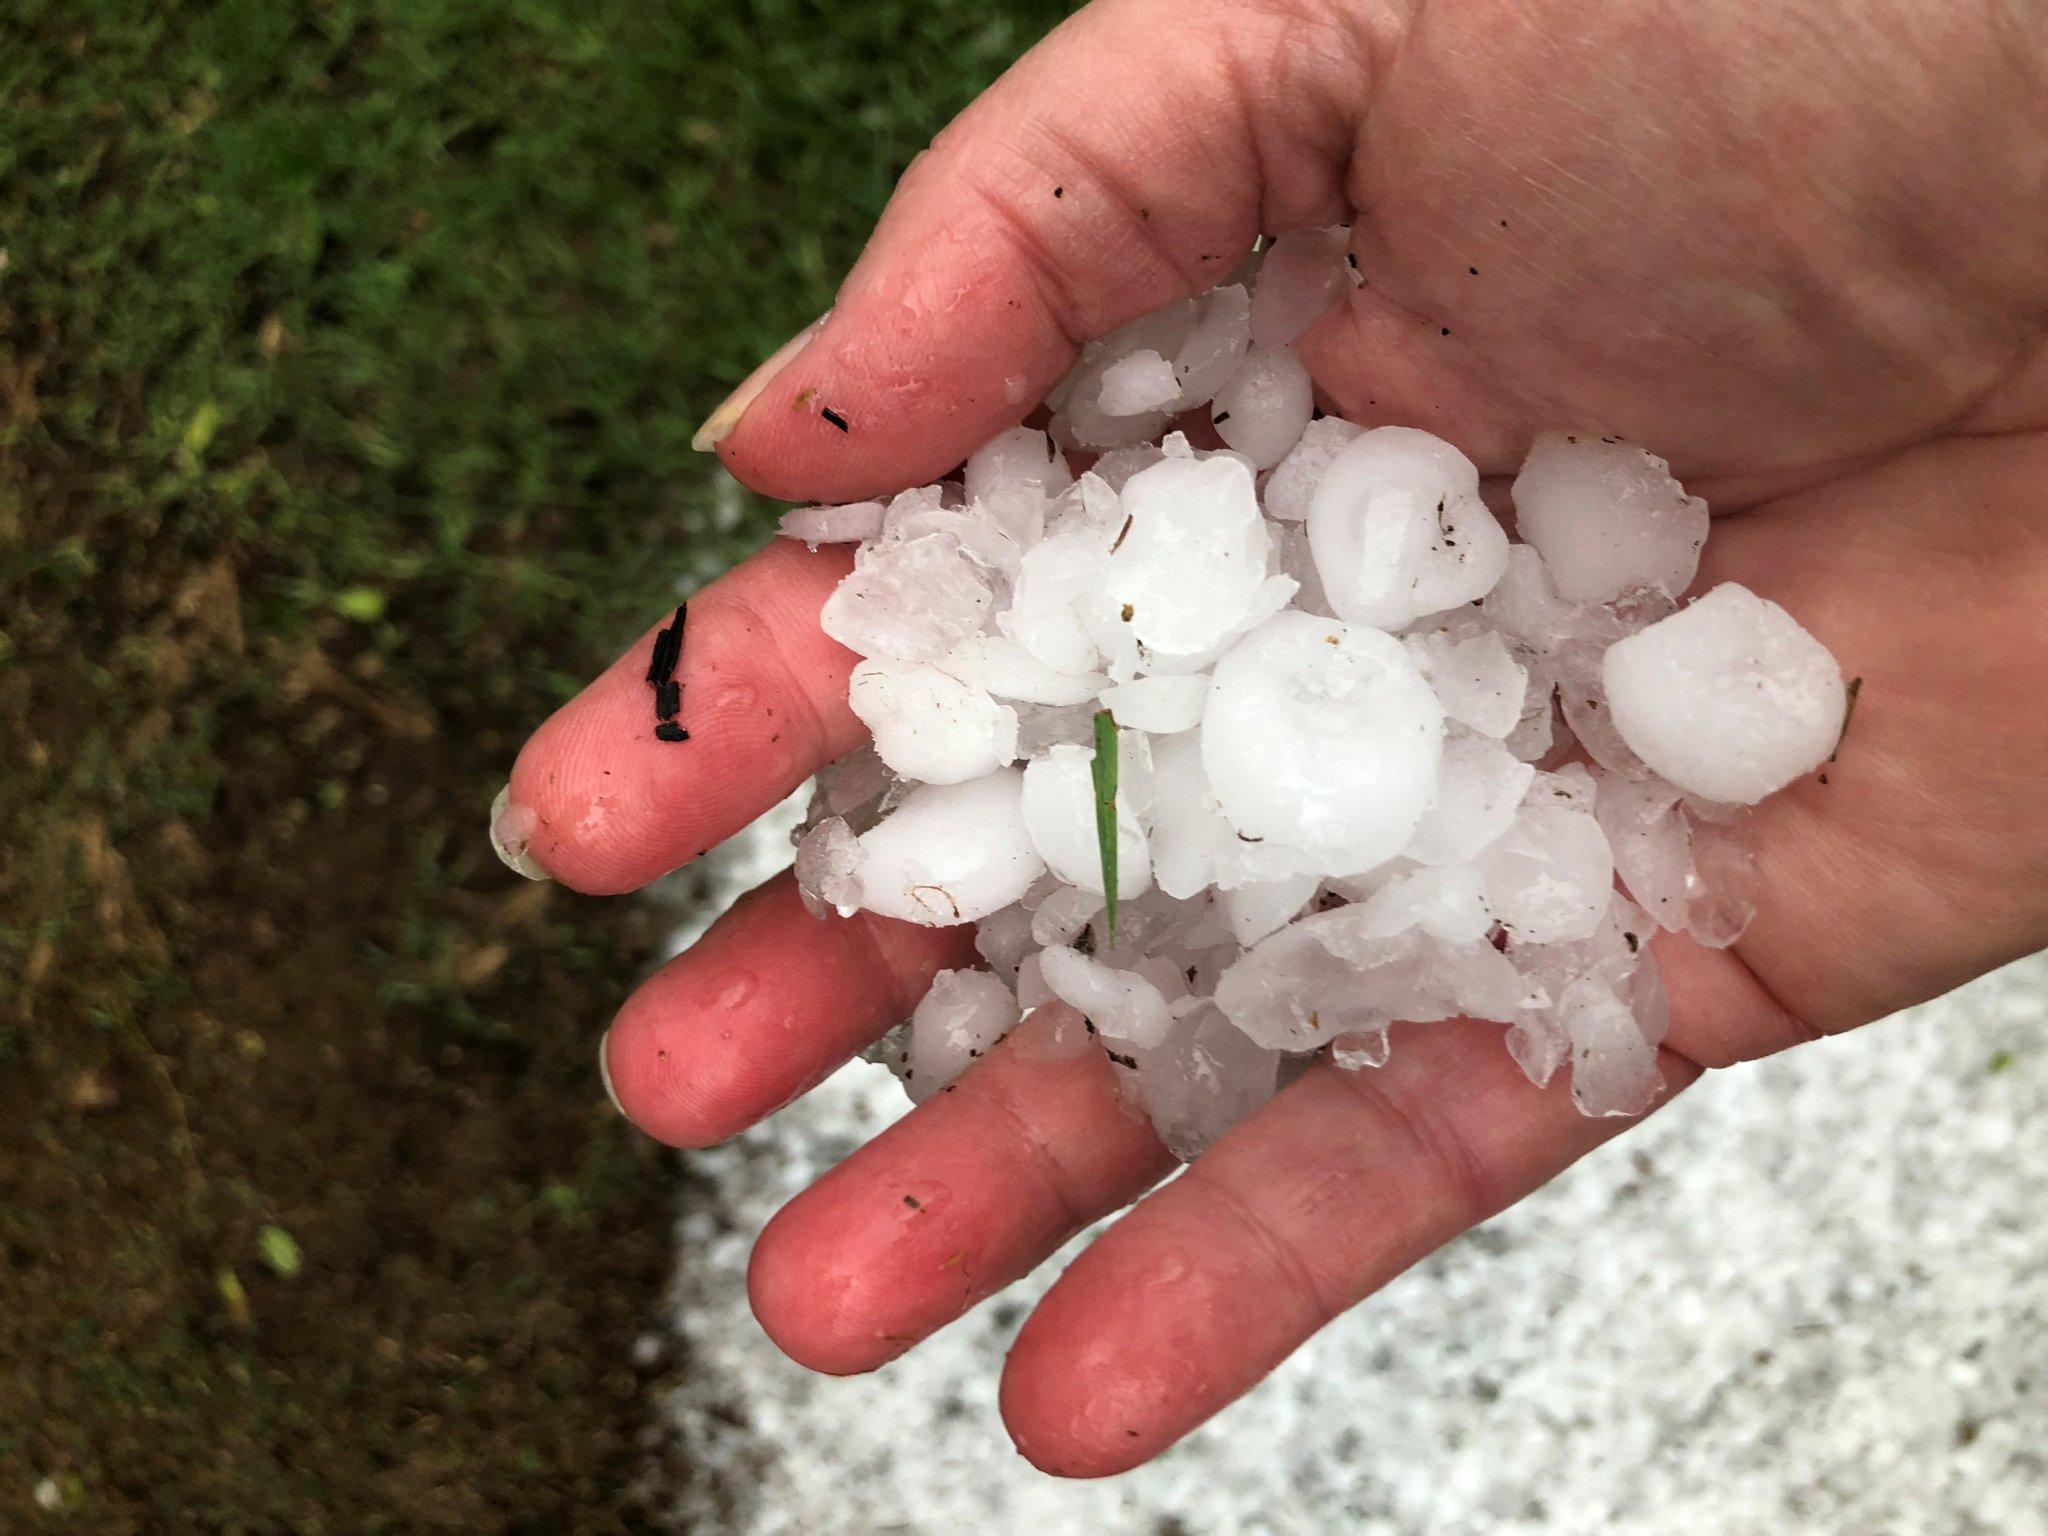 Storm Season Hail